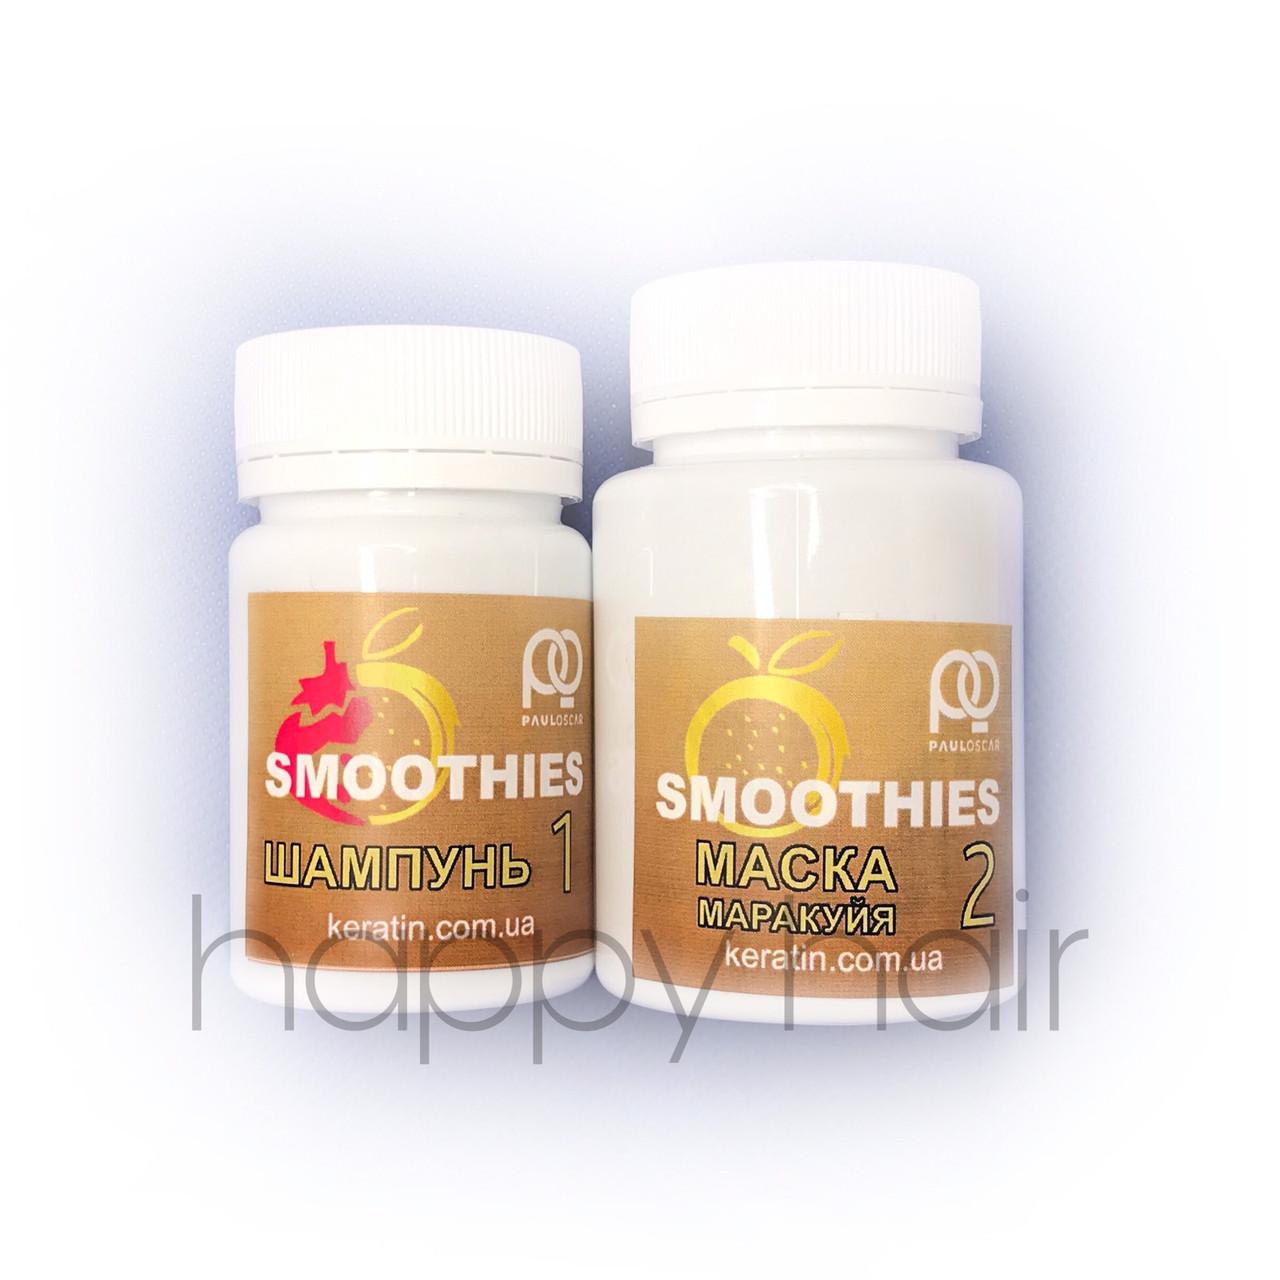 Paul Oscar Smoothies Passion Fruit Smooth & Silky Набор для кератинового выпрямления 50/100 мл